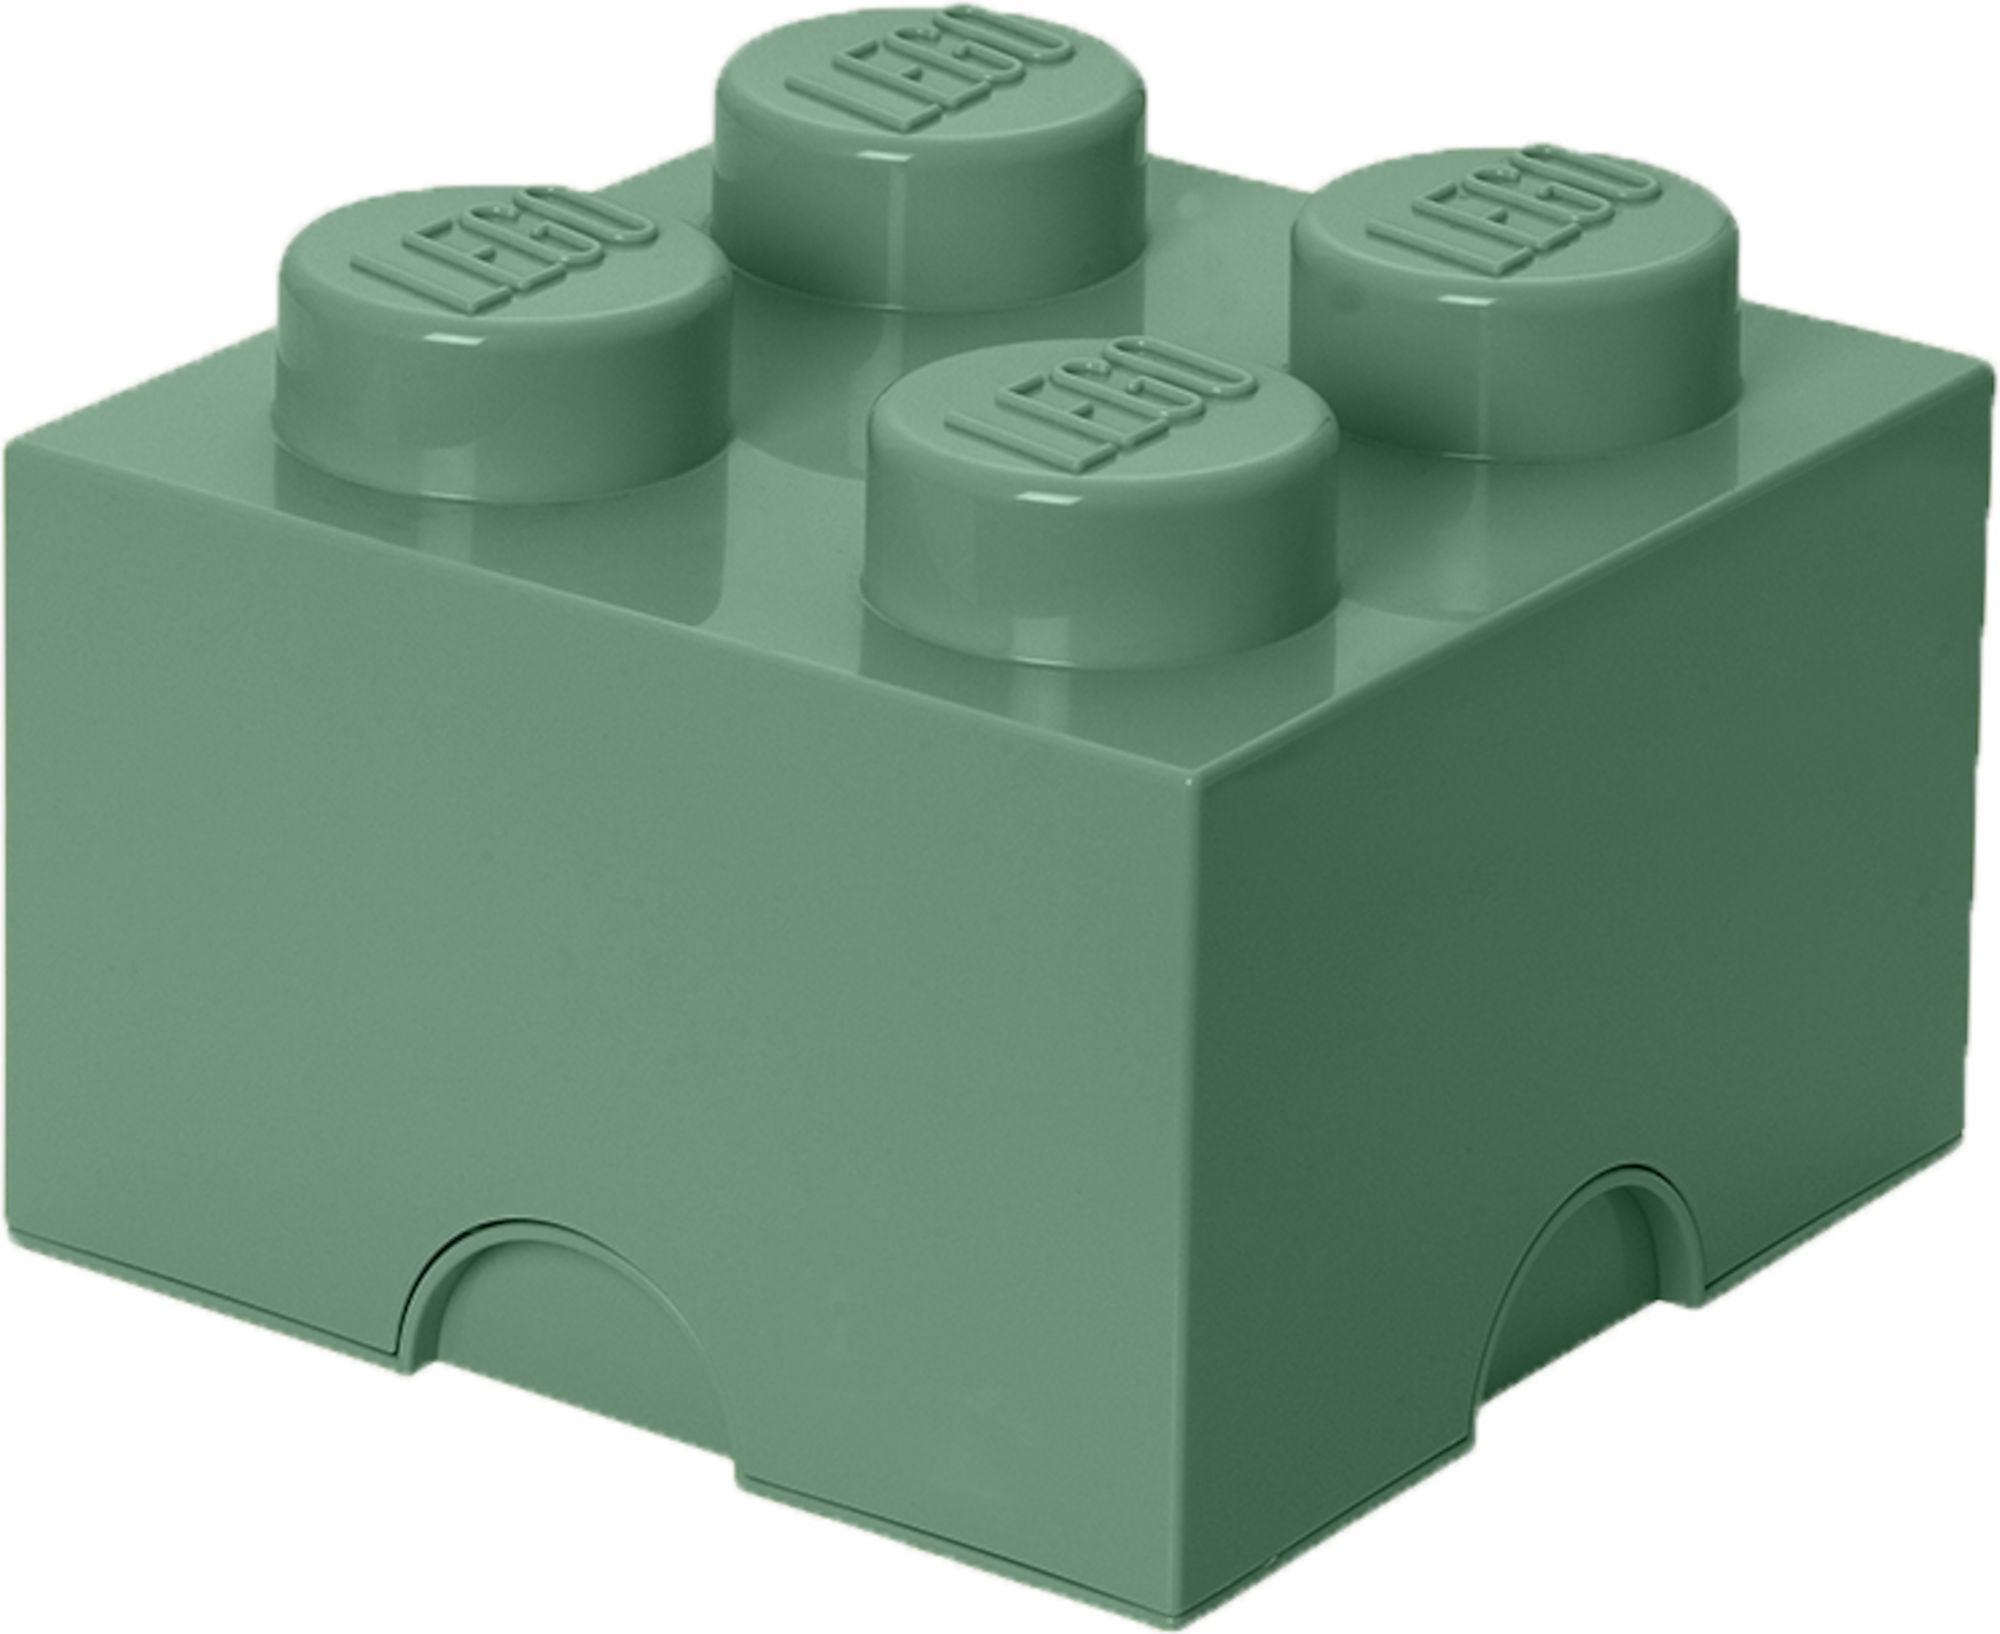 LEGO 4 Säilytyslaatikko, Tummanvihreä